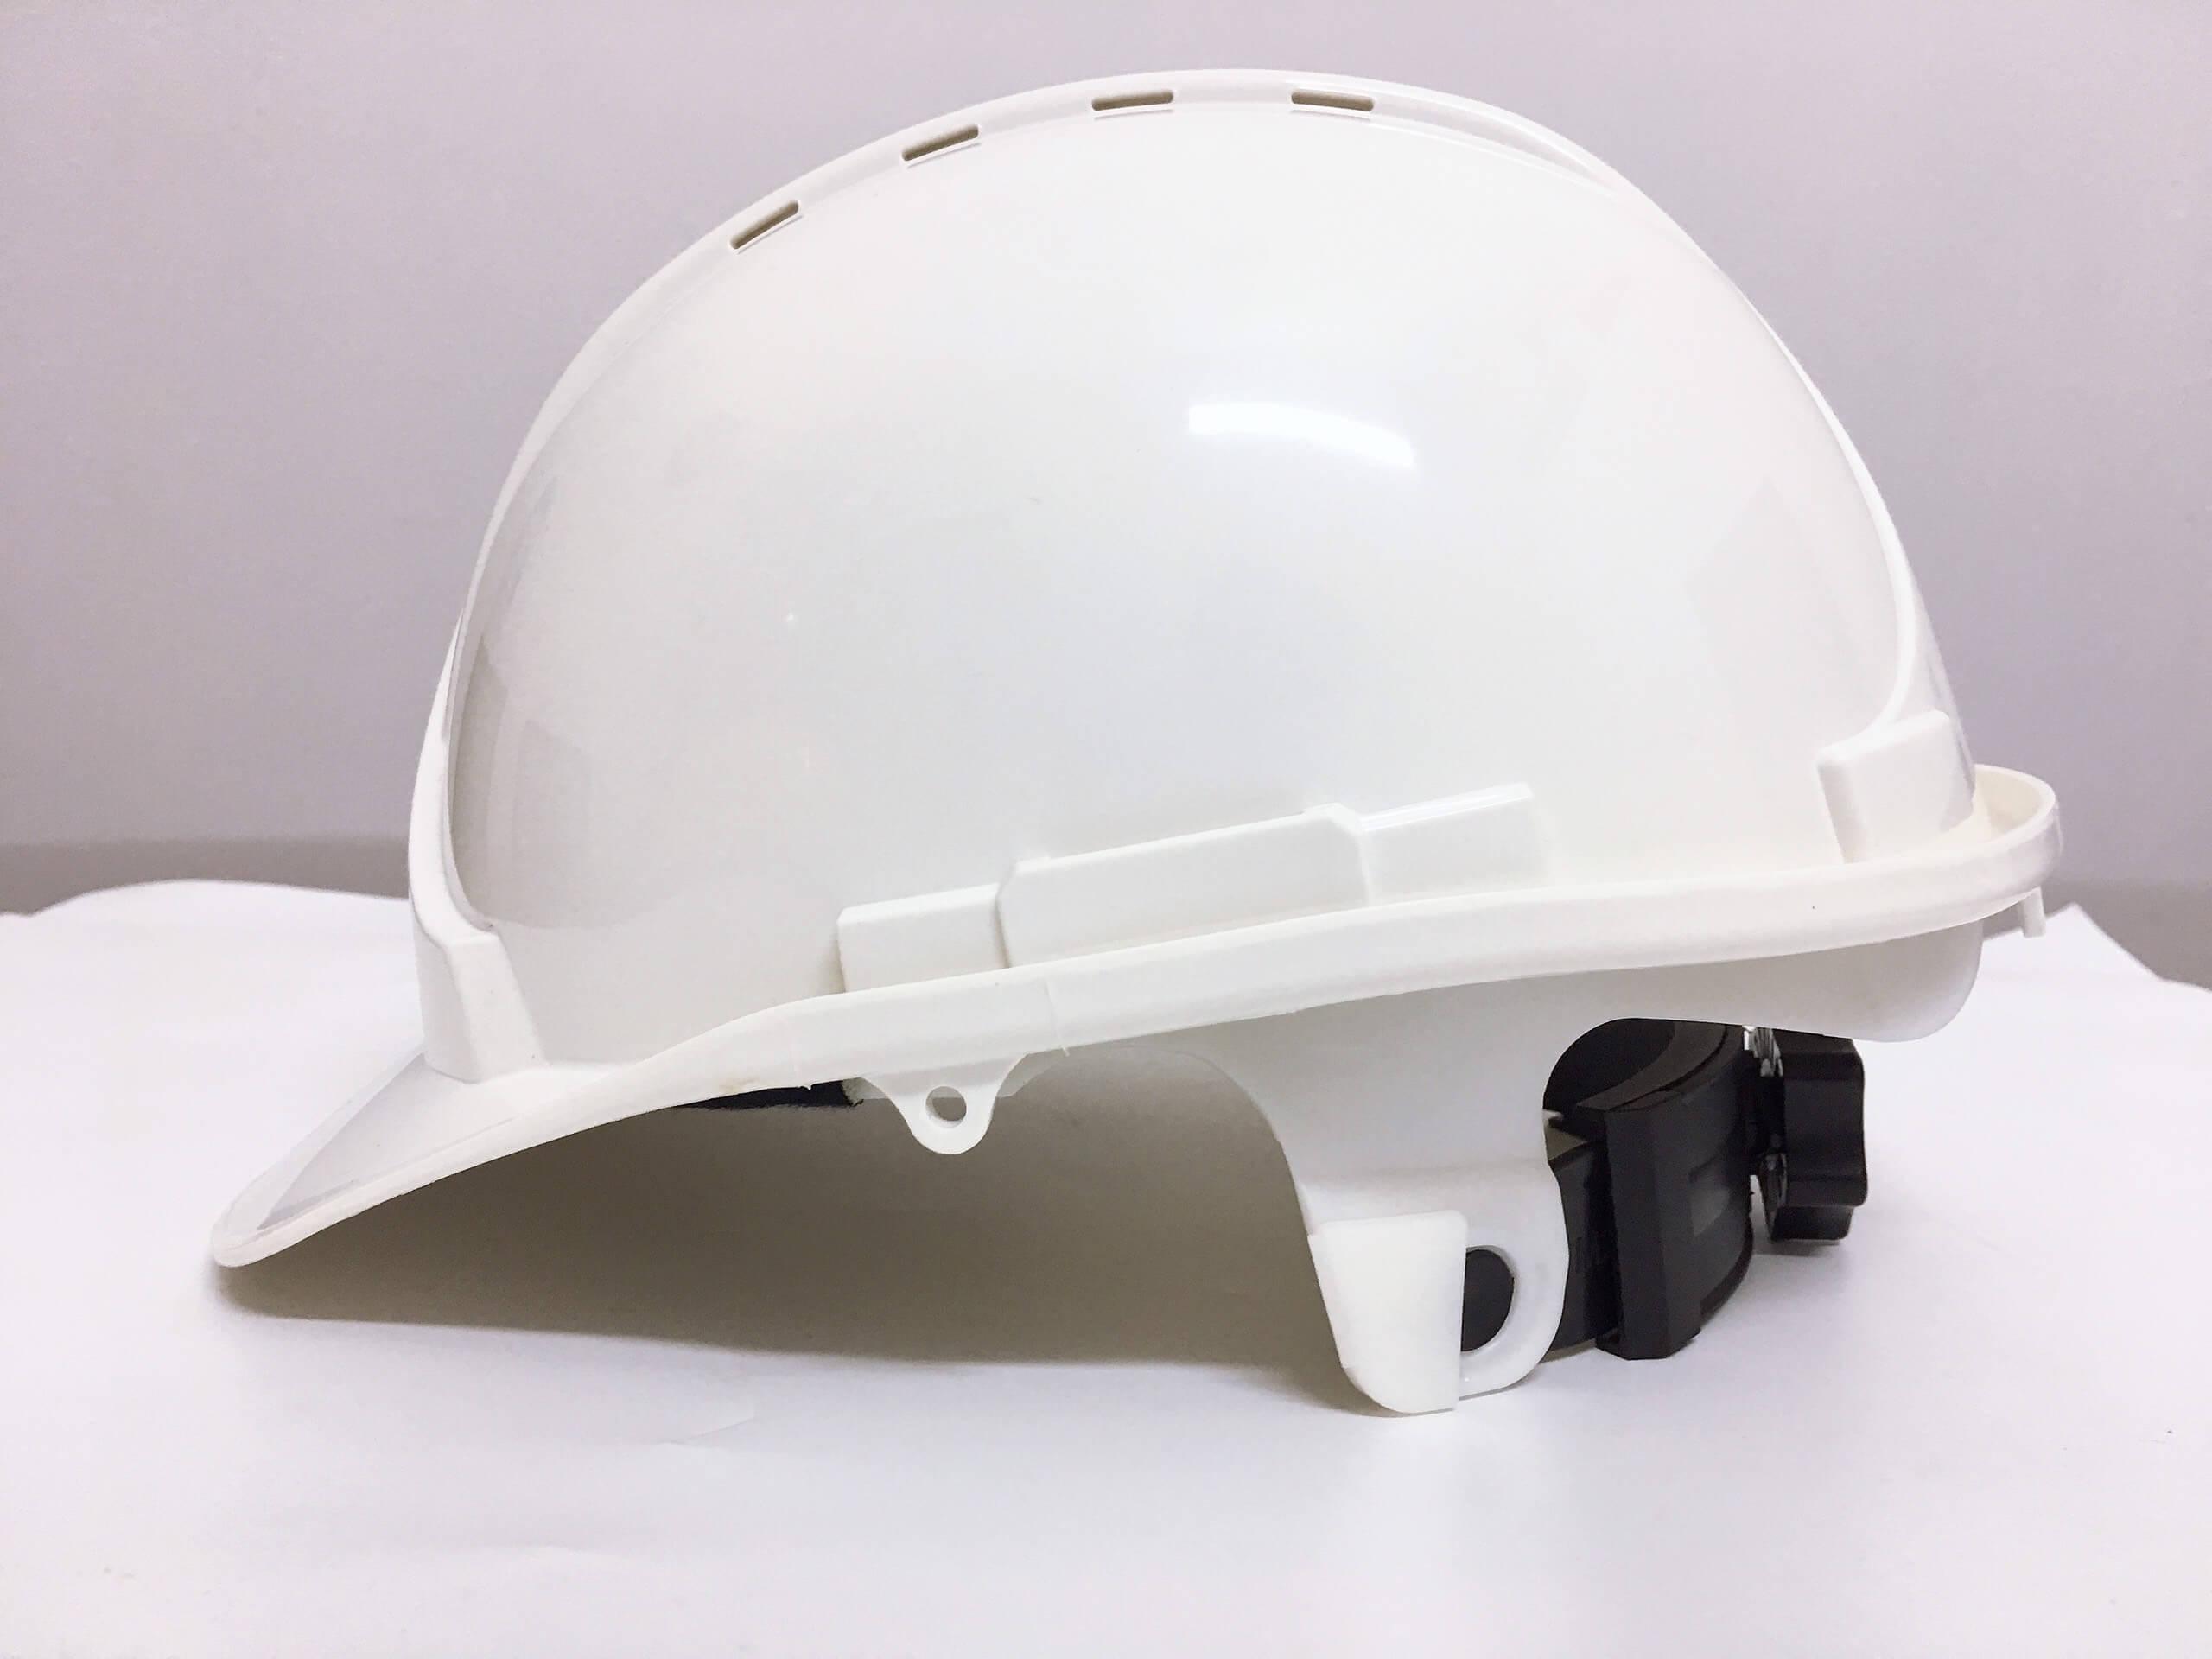 Mũ bảo hộ lao động Safegear trắng Đài Loan